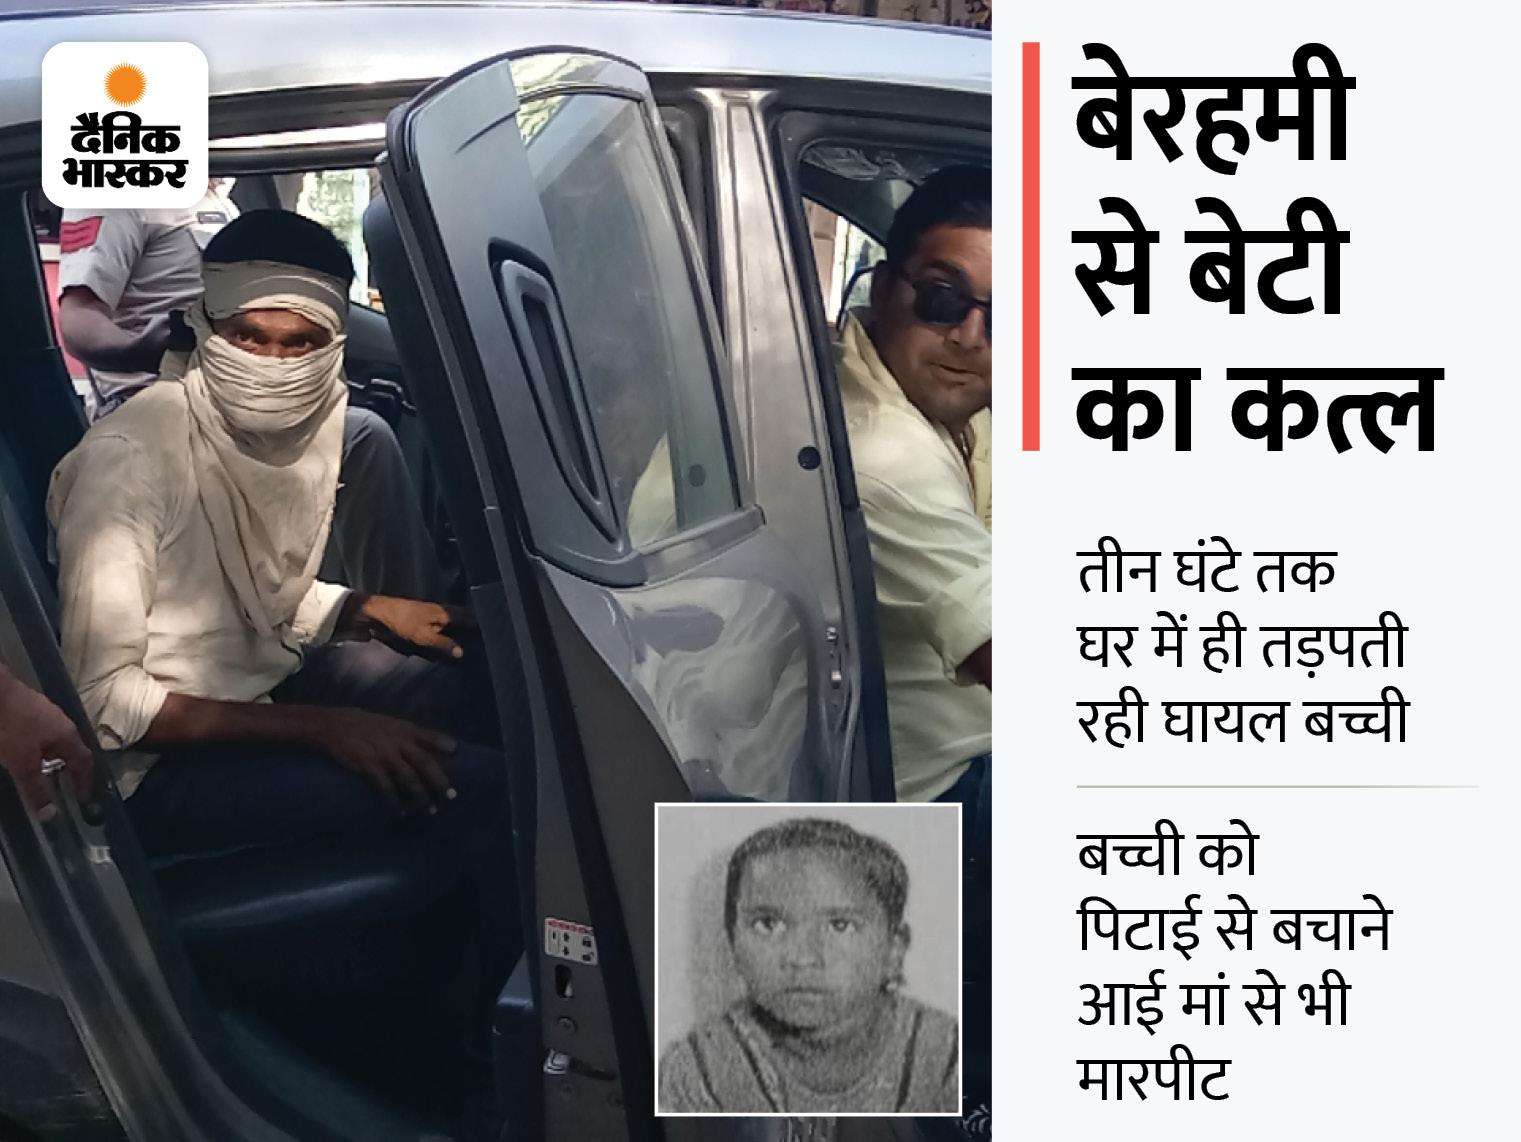 गरबा देखकर लौटते ही 10 साल की बेटी को पटका, प्लायर मारकर सिर फोड़ा; 3 घंटे घर में रखा और तड़पाकर ली जान|मुरैना,Morena - Dainik Bhaskar